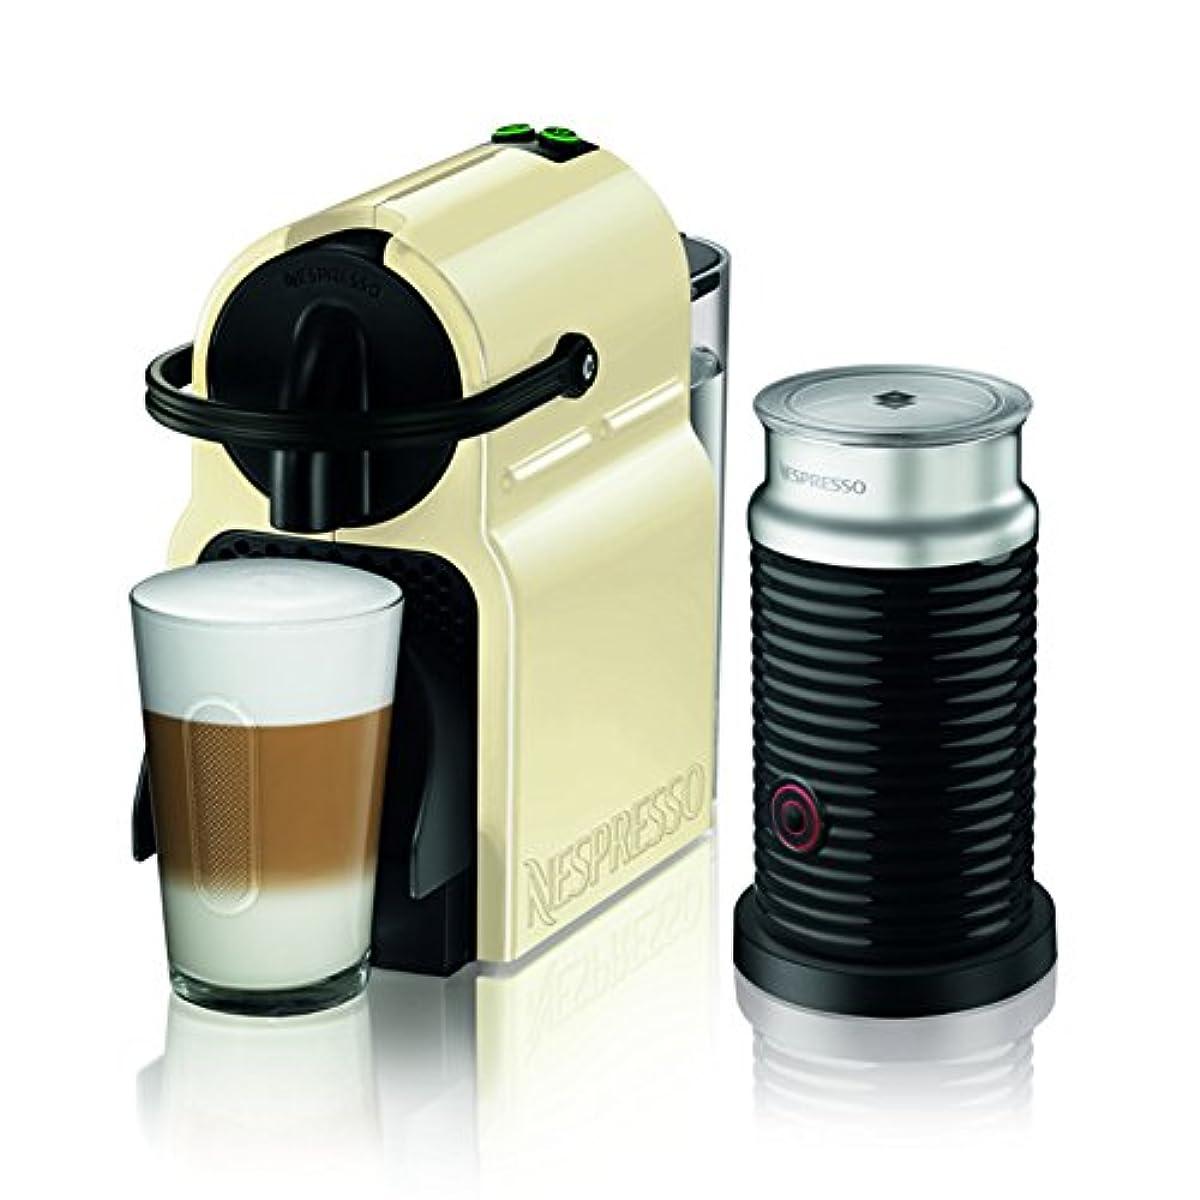 [해외] 네스프레소 커피 메이커 이닛시어 에어로 찌 노 세트 크림 D40CW-A3B